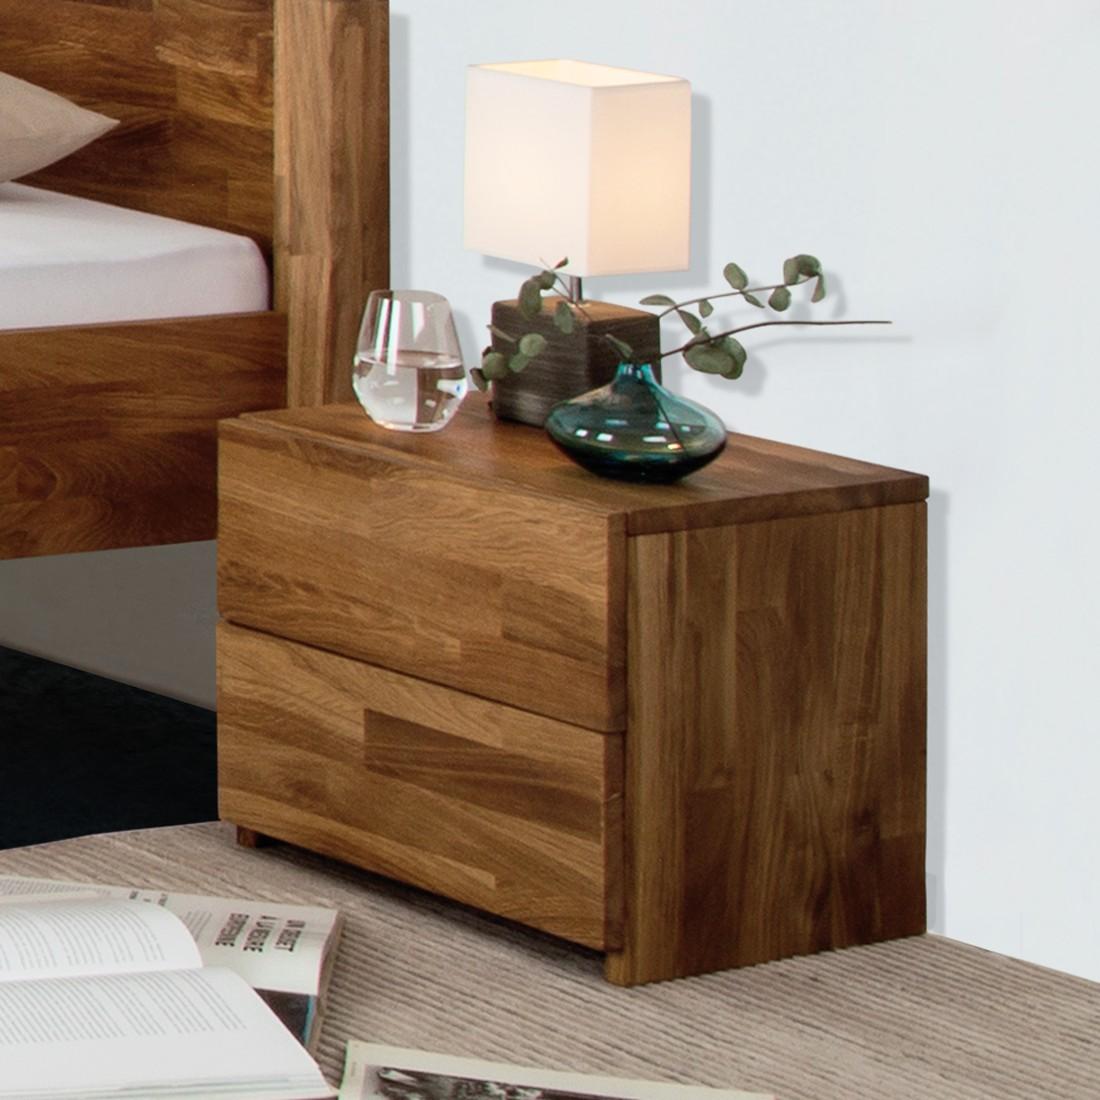 Schlafzimmermöbel - Nachtkommode ZoeWOOD II - Ars Natura - Braun